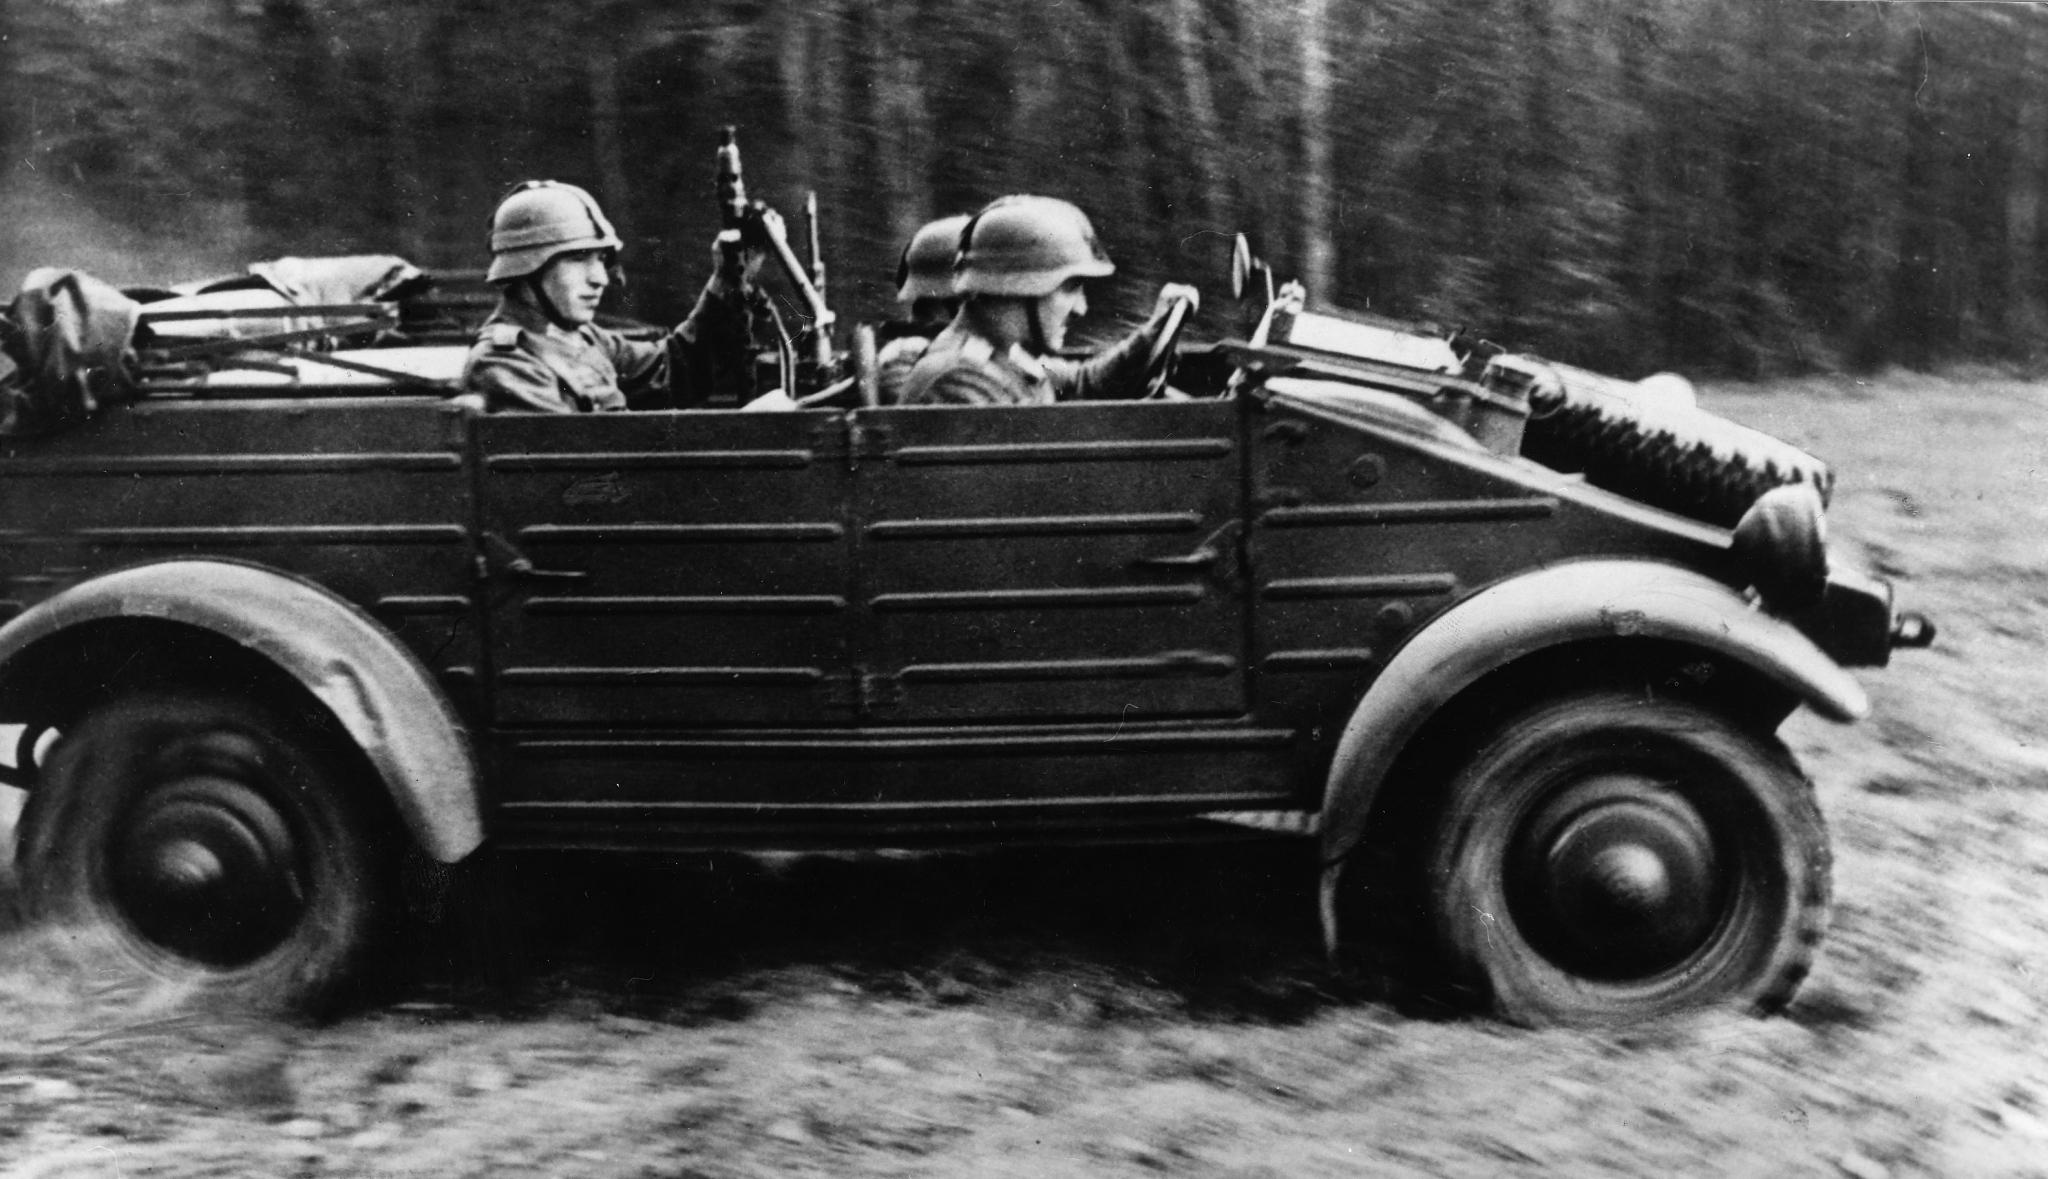 A look back at Volkswagen's historic car models